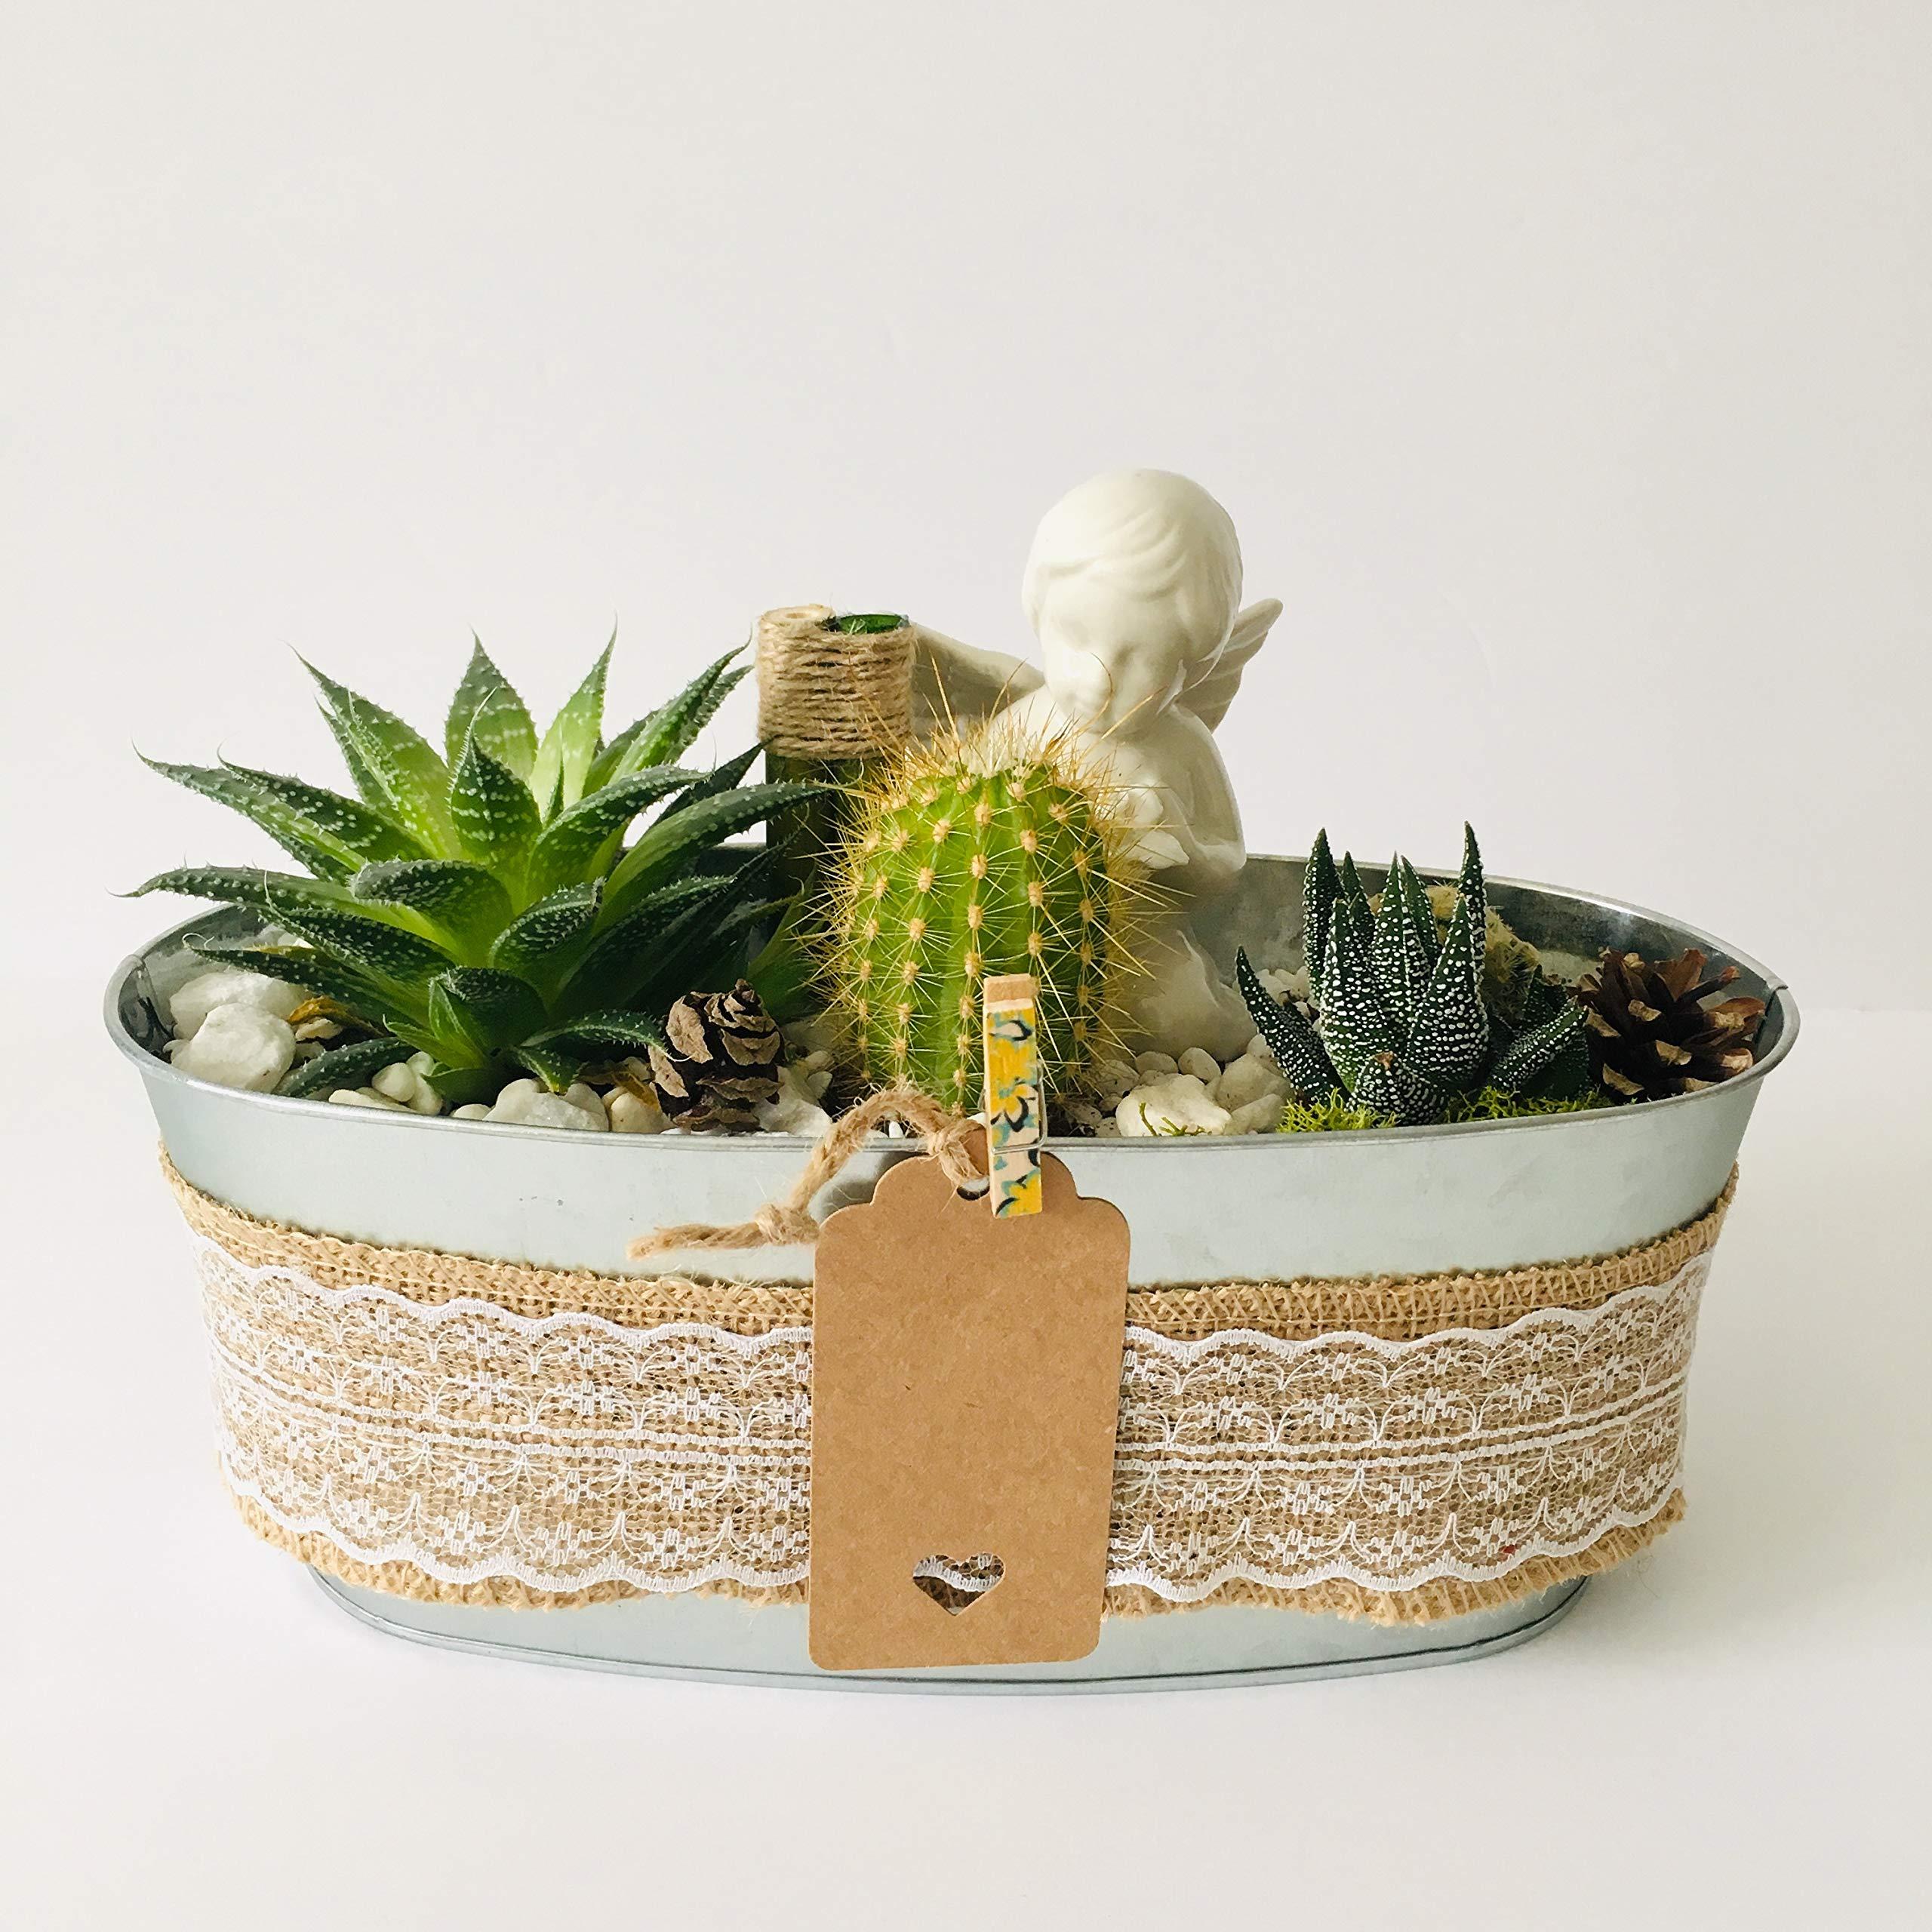 Live Succulent Angel's Garden Arrangement: 1 x 4'' Succulent, 3 x 2'' Succulents/Cacti, Free Gift!!!